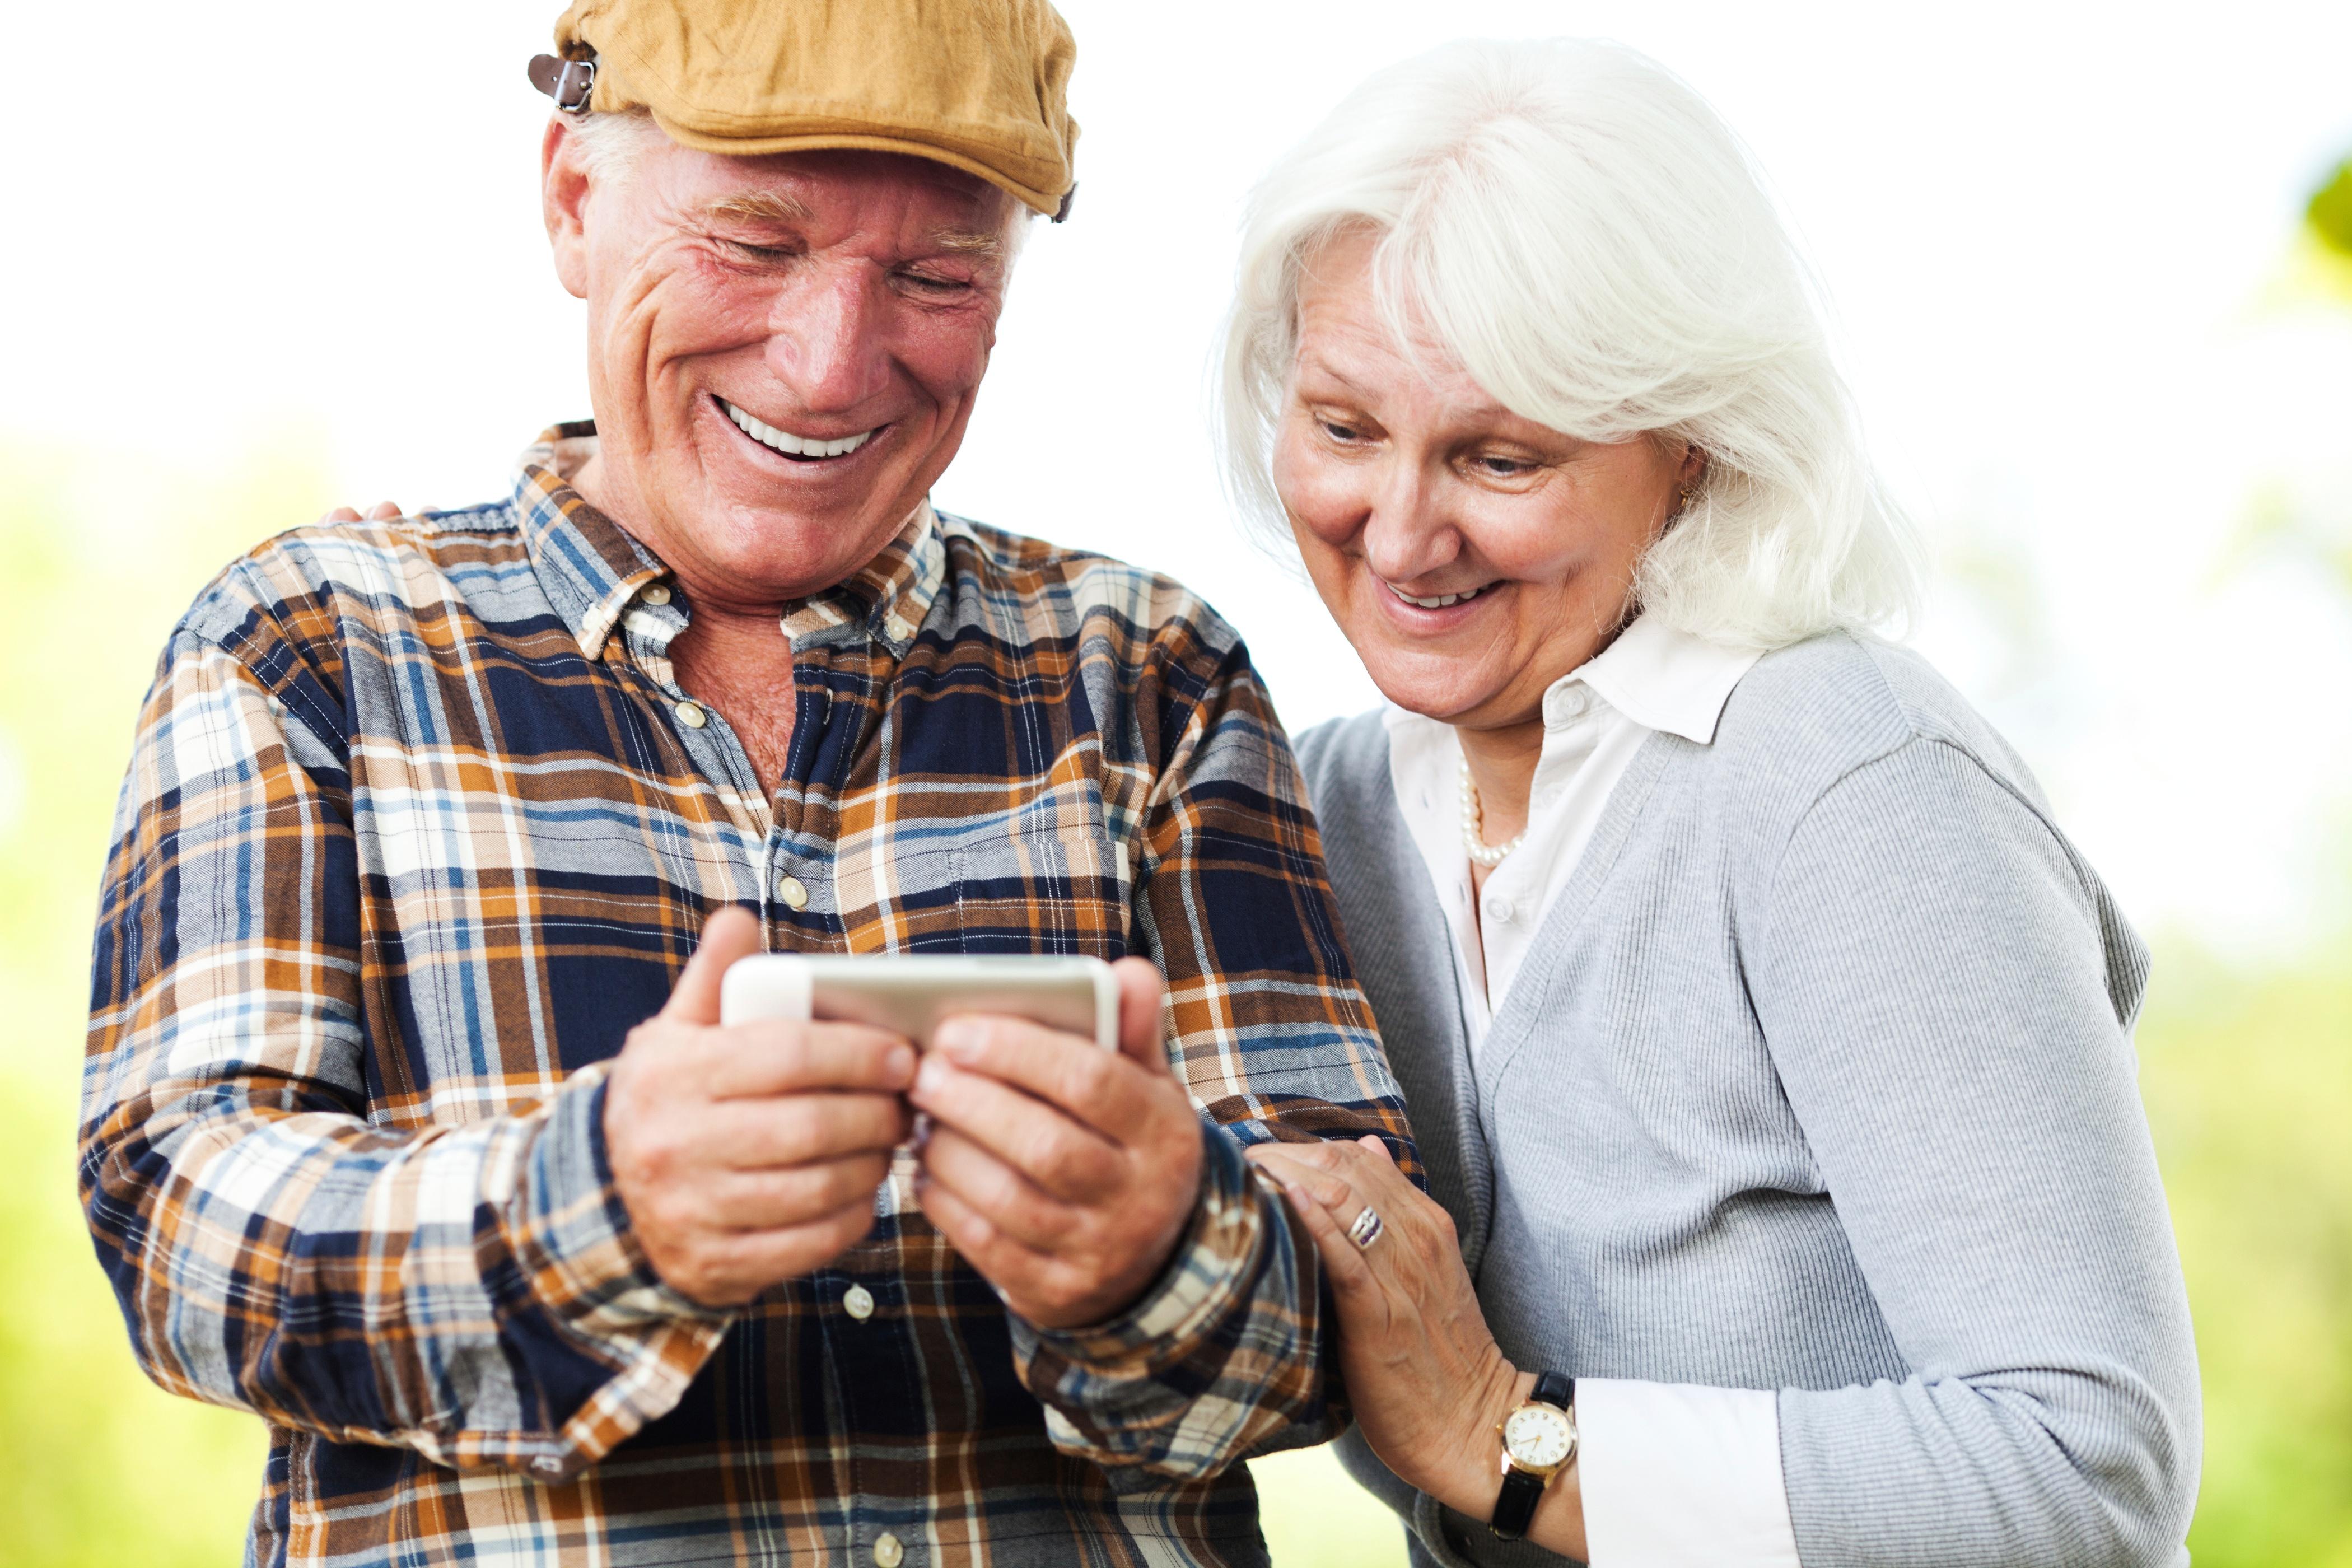 elder couple looking at phone.jpg